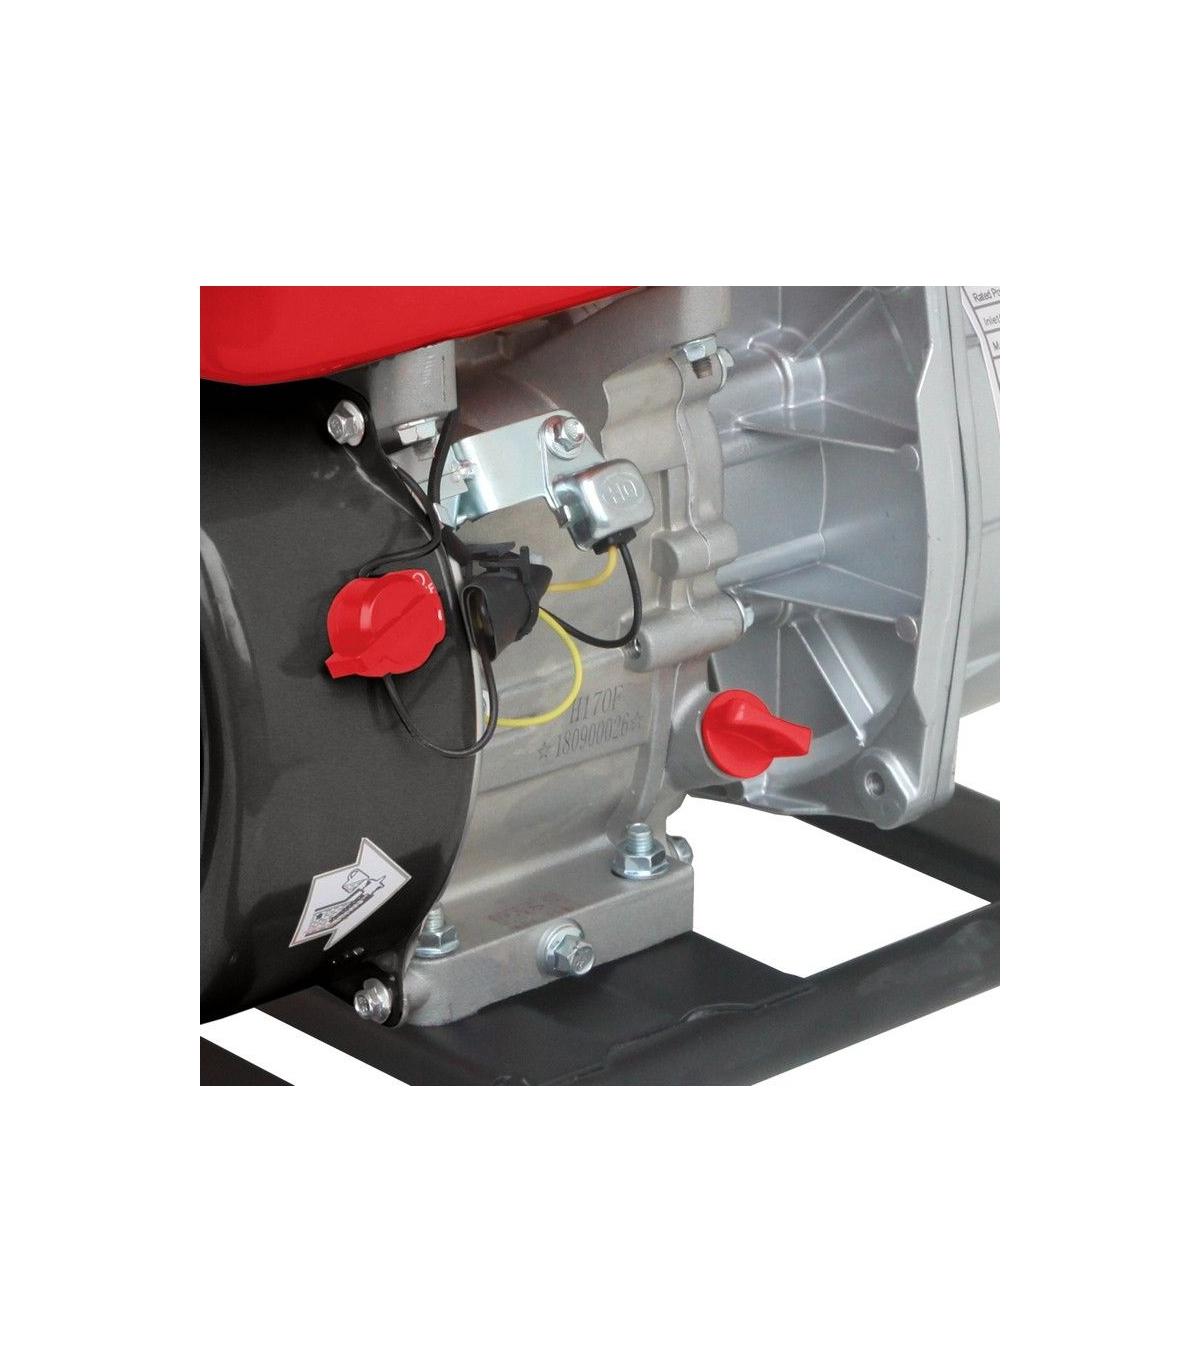 LEA Motopompe Thermique eaux charg/ées ou boueuses 5,6Cv 212cm3 d/ébit 66000 l//h LE71212-80D